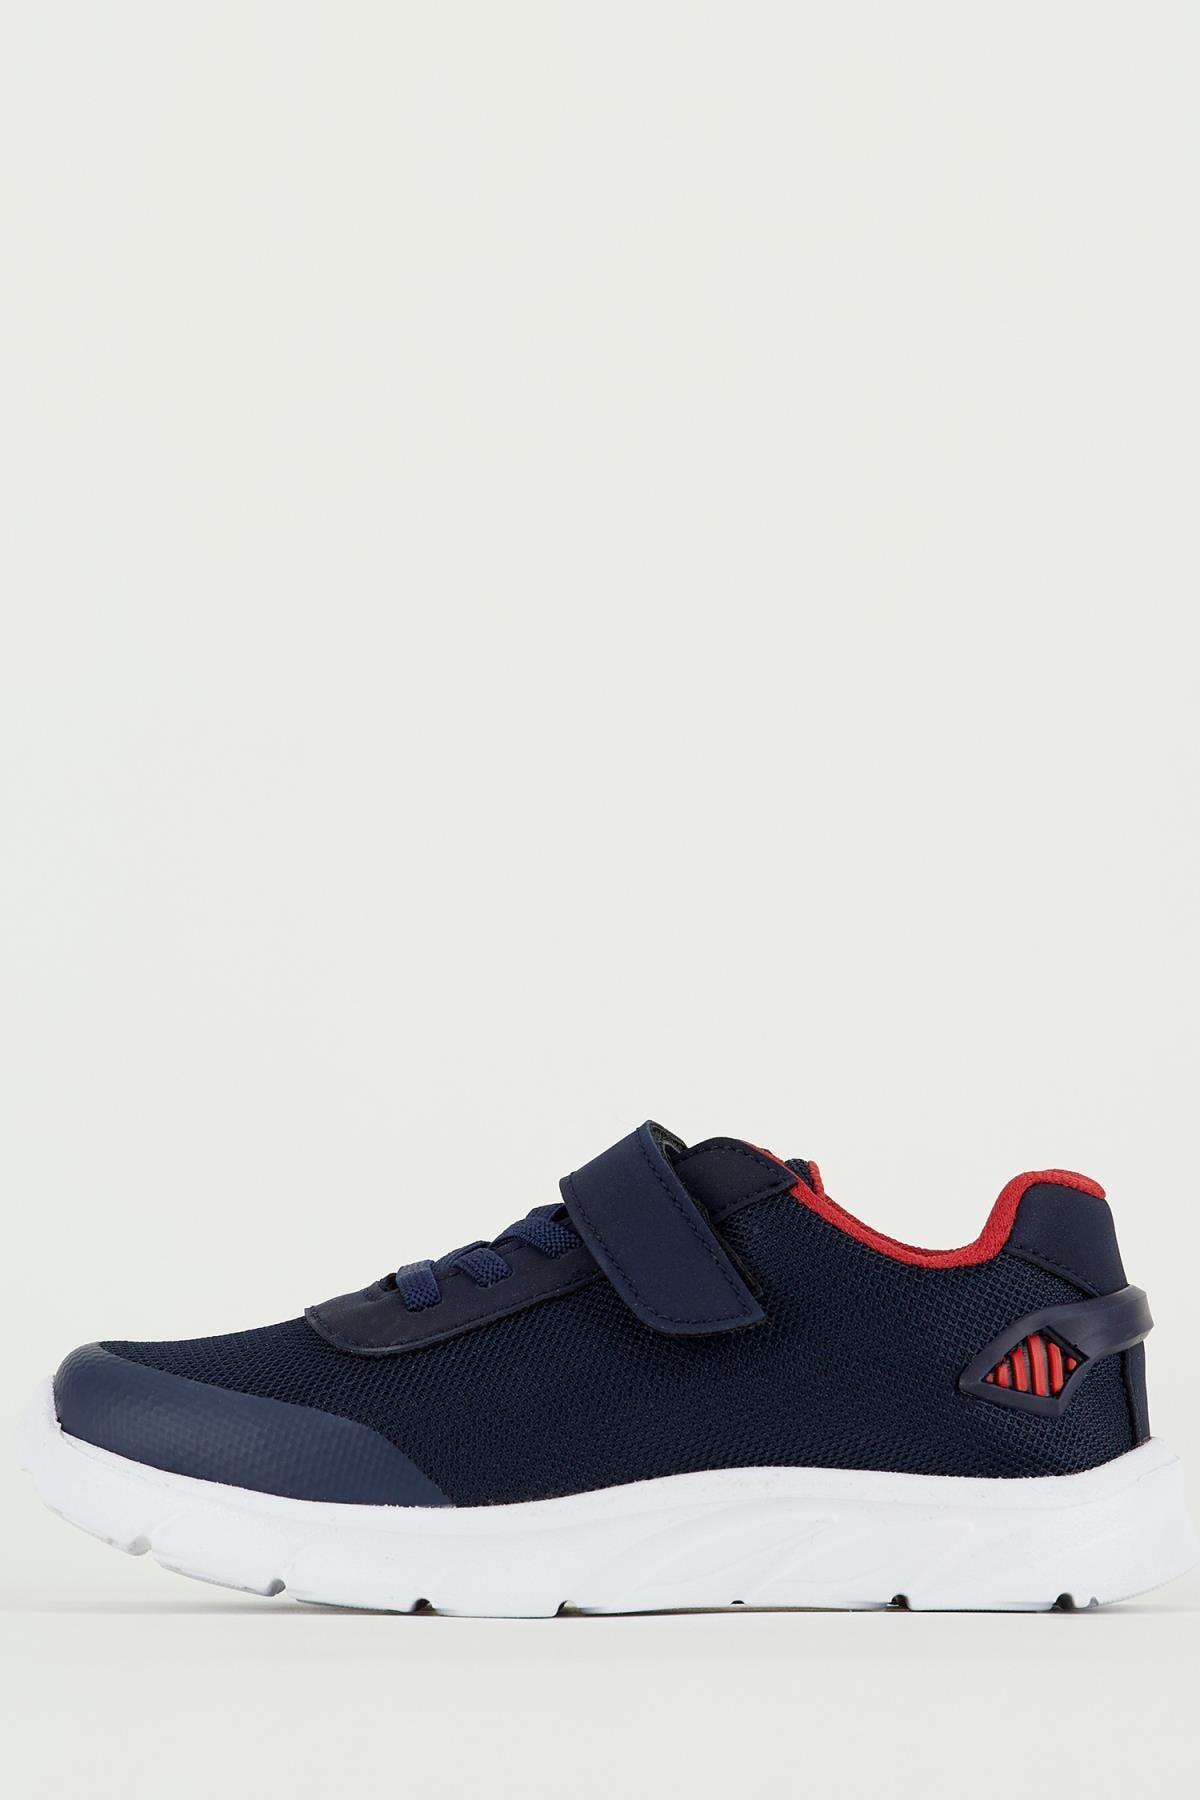 DeFacto Erkek Çocuk Bağcıklı Cırt Cırtlı Spor Ayakkabı